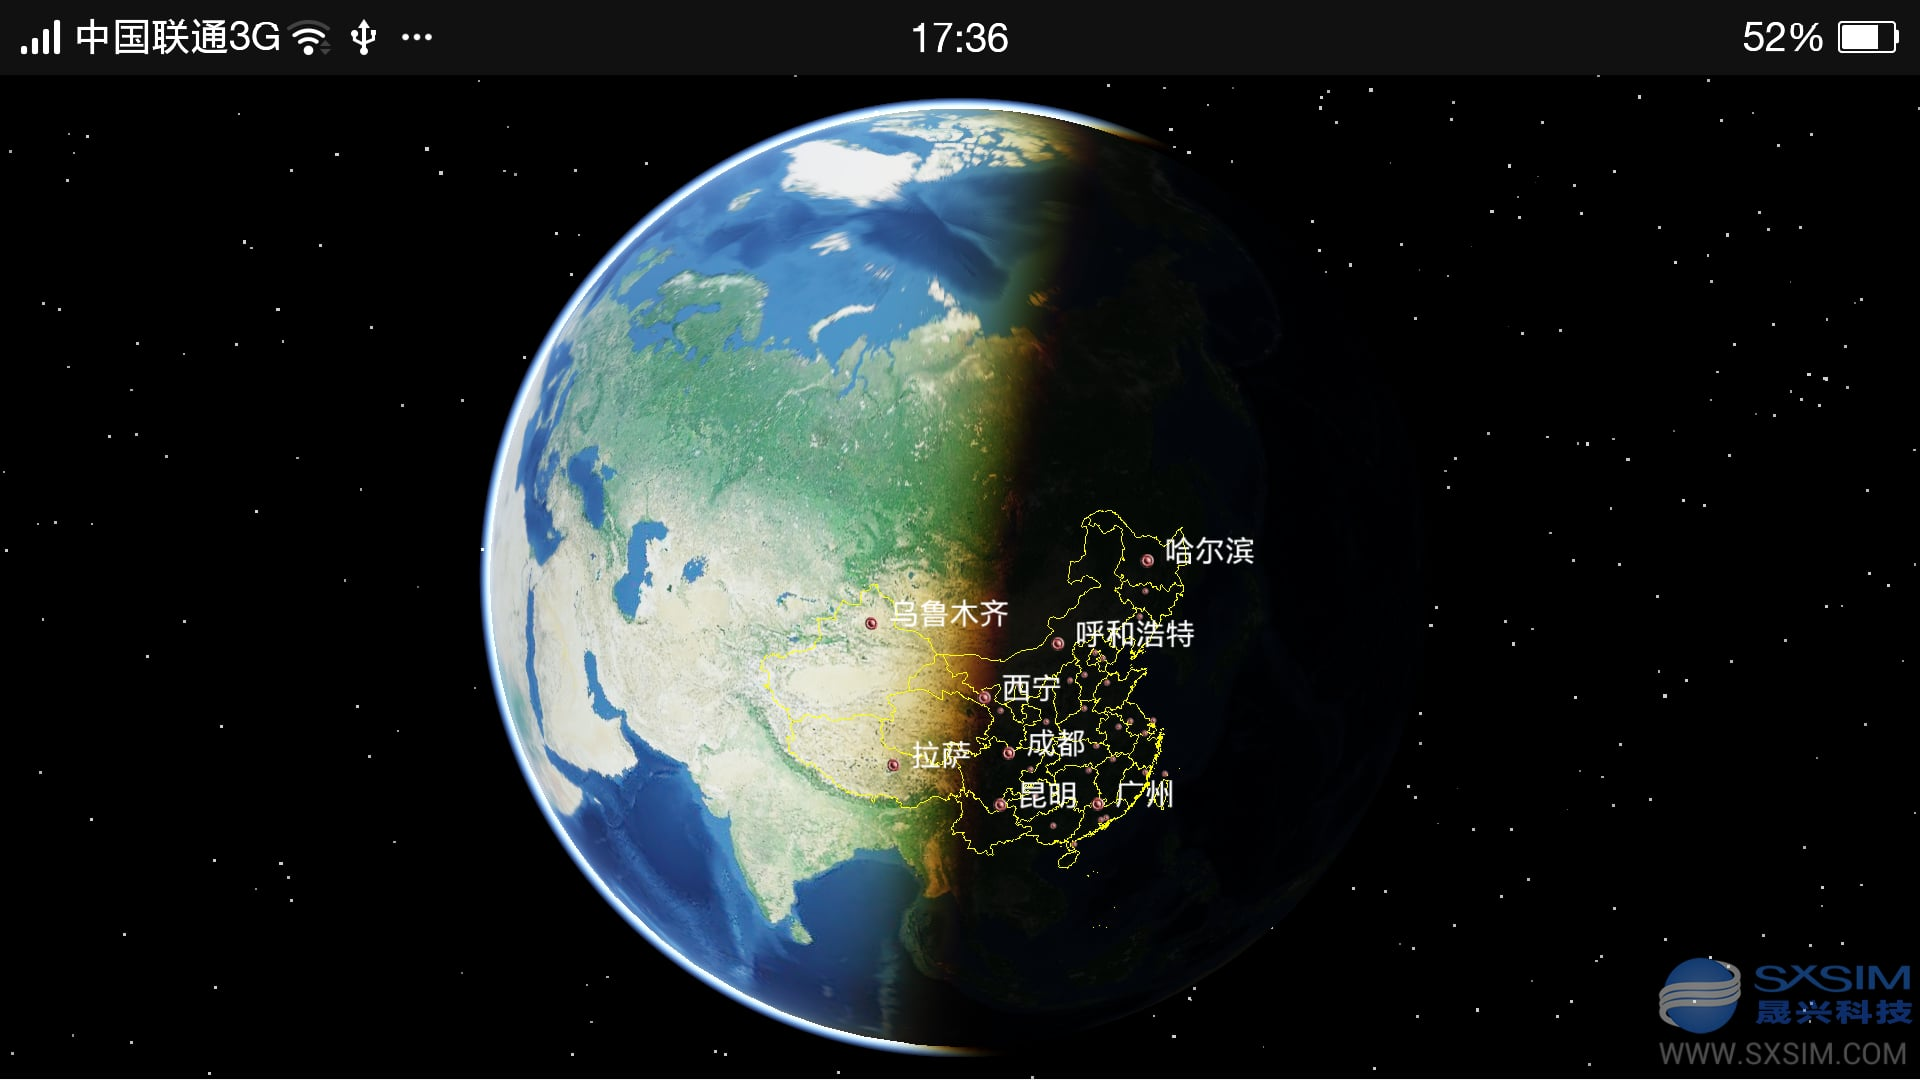 该三维地球仪带有全国省界矢量图,省名图.